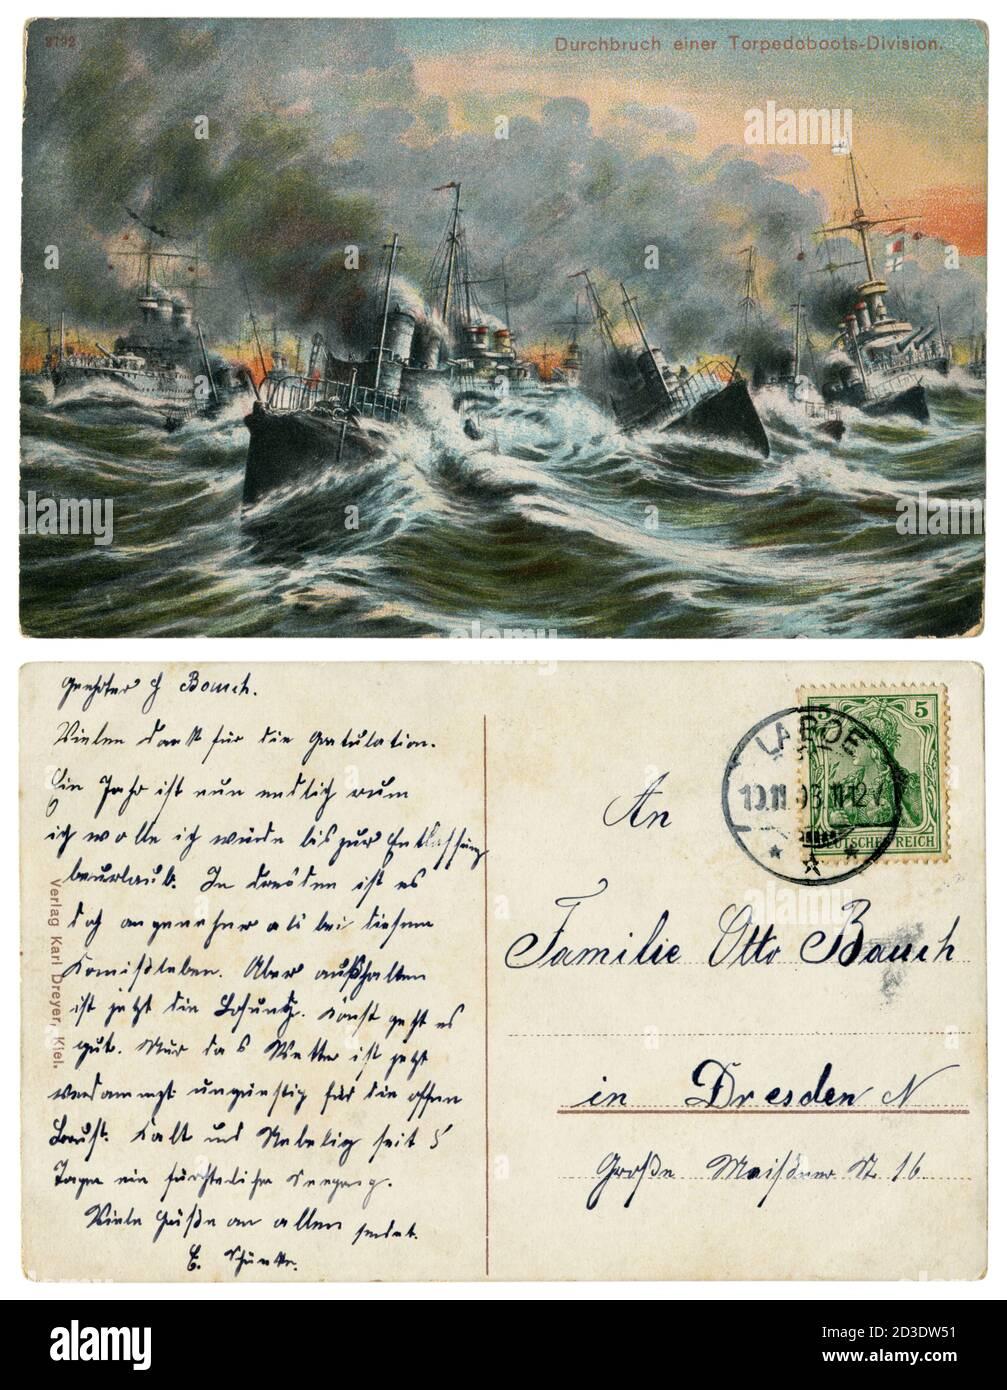 Carte postale historique allemande : percée d'une division de bateaux de torpille. Une flottille dans une mer agitée. Marine impériale allemande (kaisermarine), 1908, à l'envers Banque D'Images